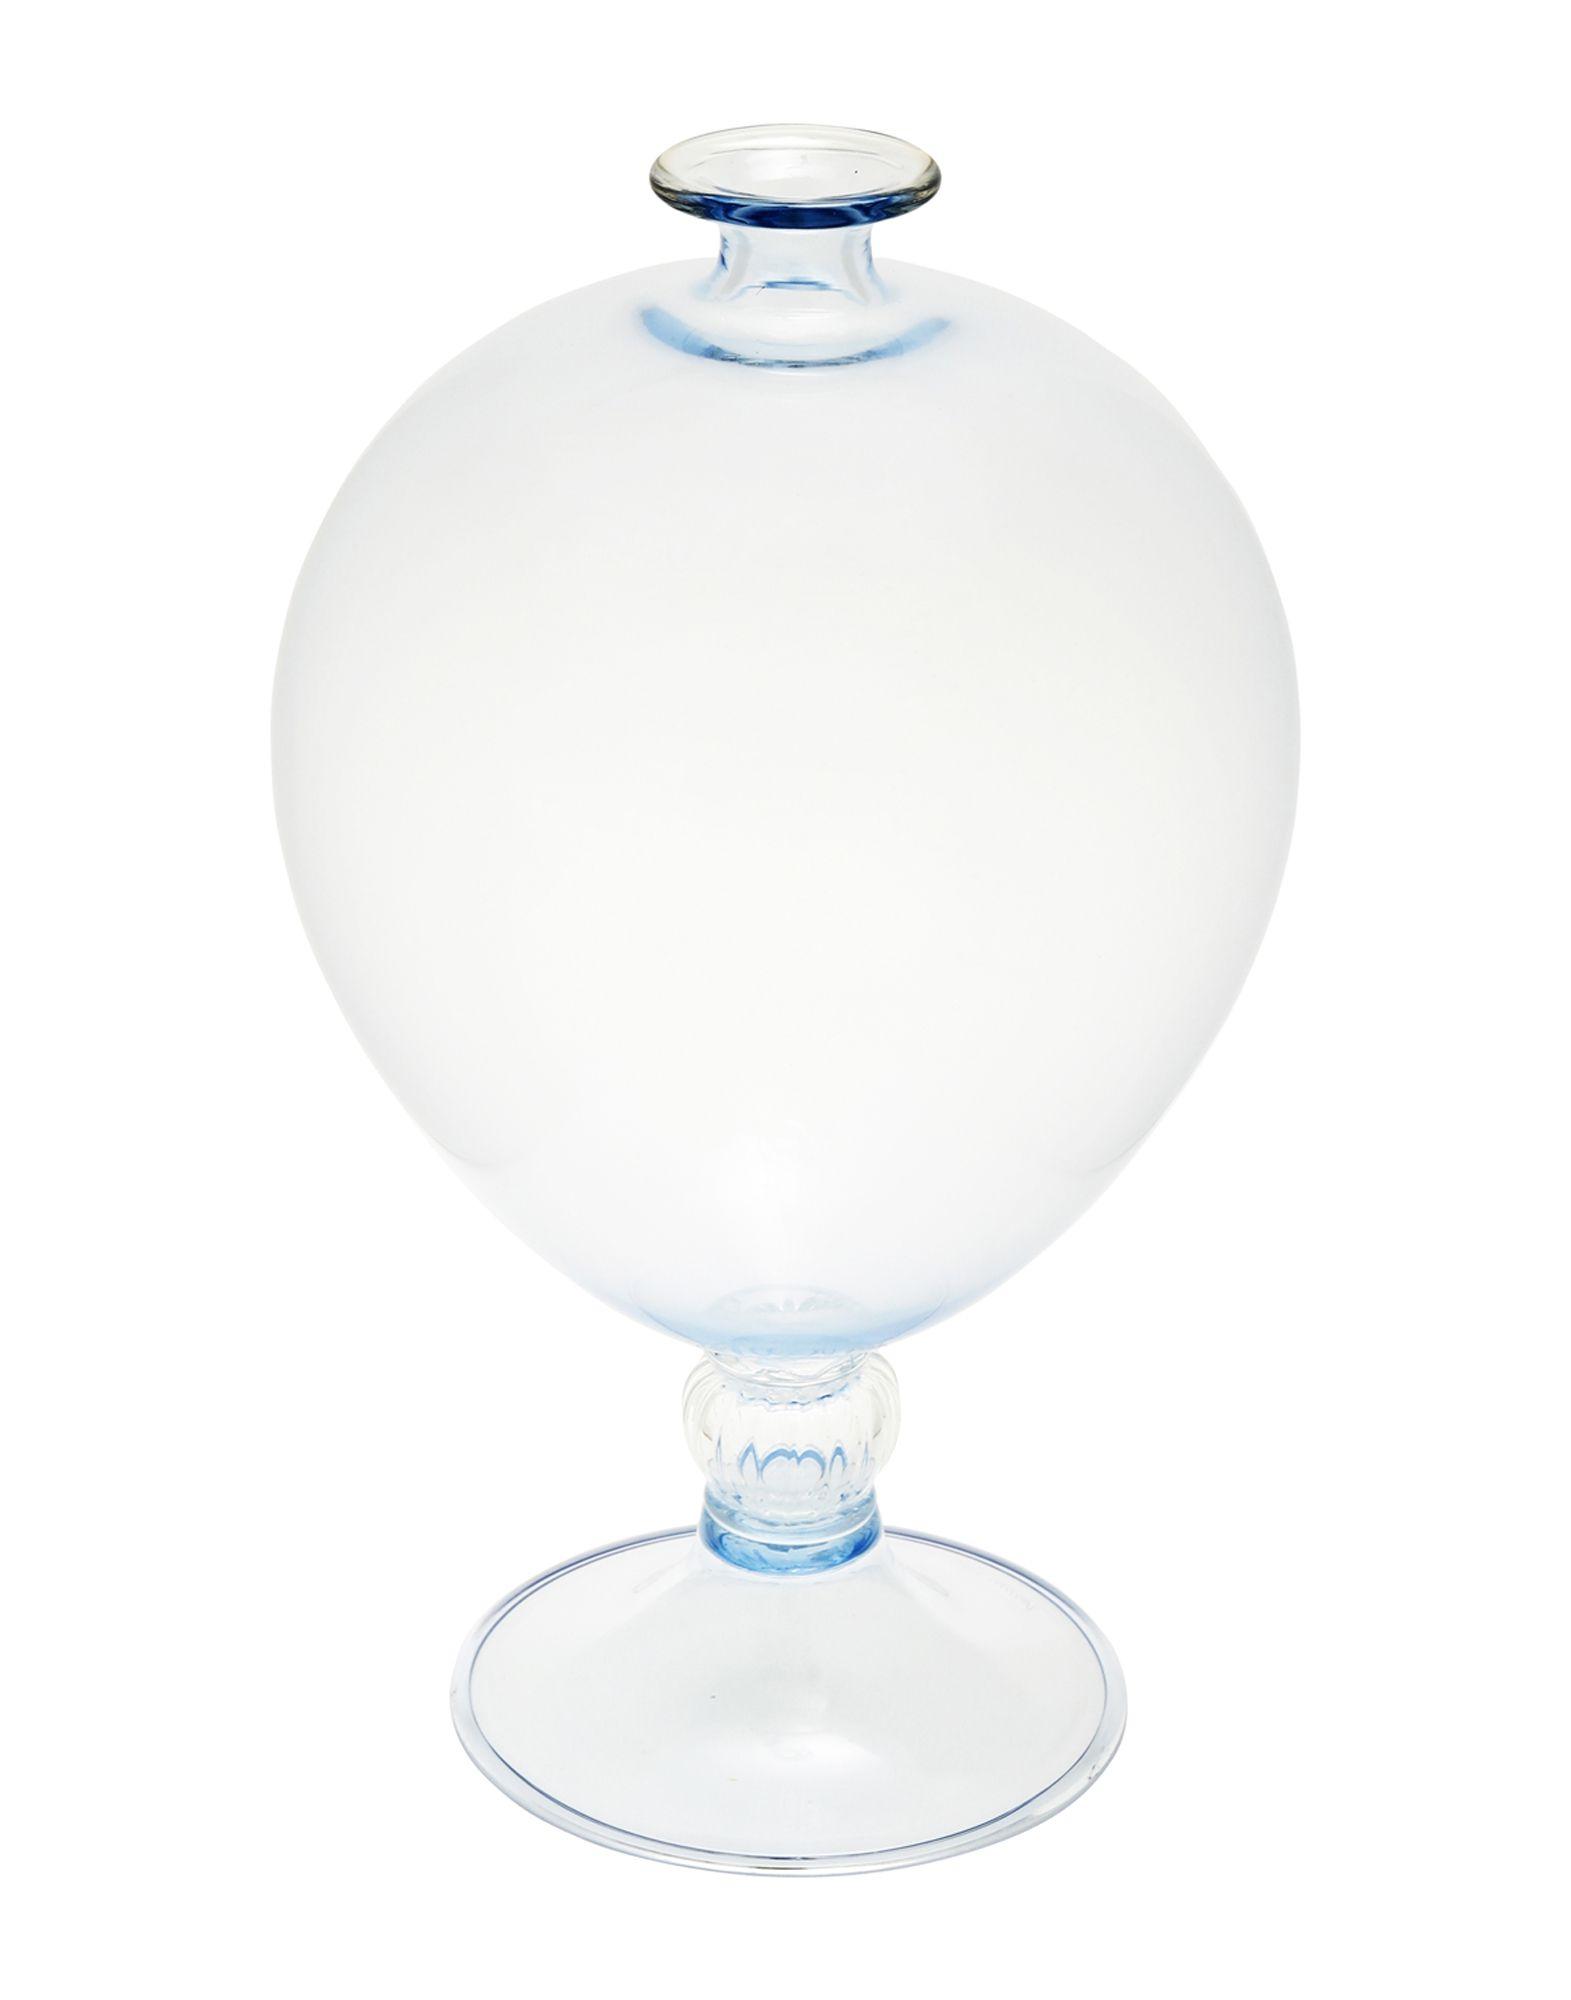 《セール開催中》VENINI Unisex ベース ライラック 吹きガラス VERONESE